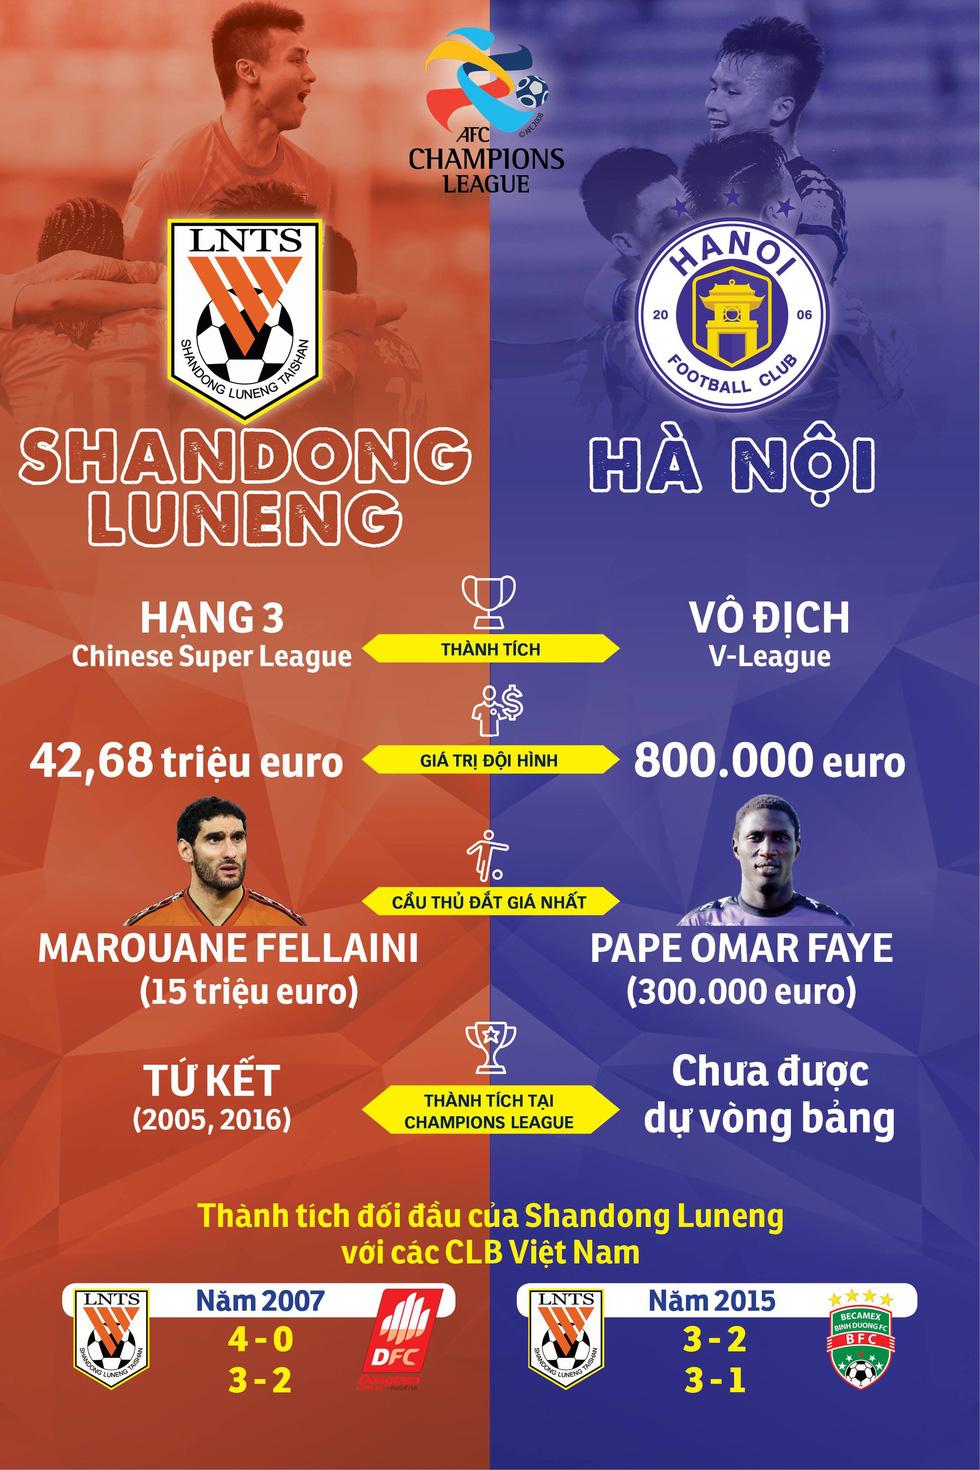 Shandong Luneng mạnh hơn Hà Nội FC như thế nào? - Ảnh 1.